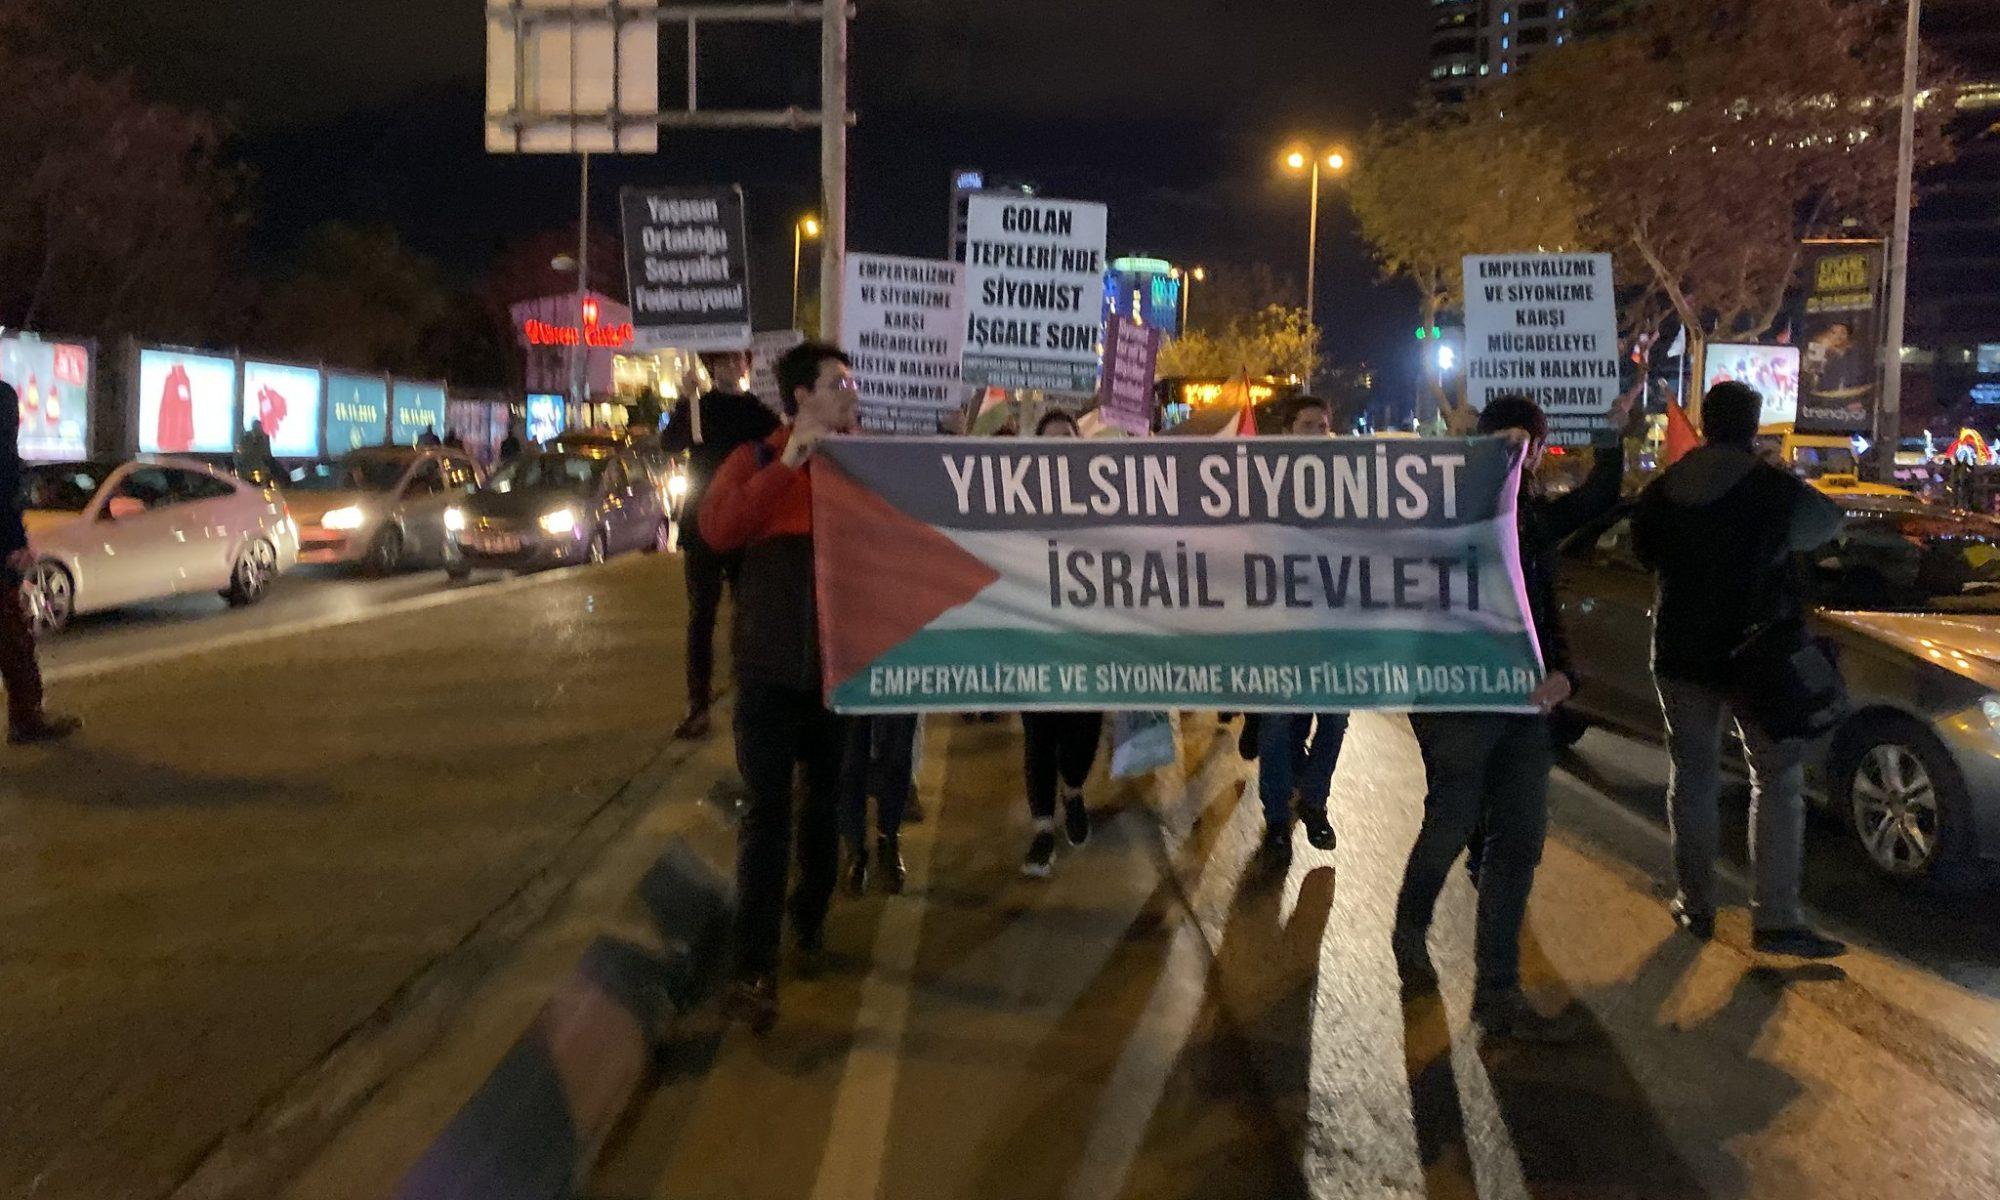 Emperyalizme ve Siyonizme Karşı Filistin Dostları